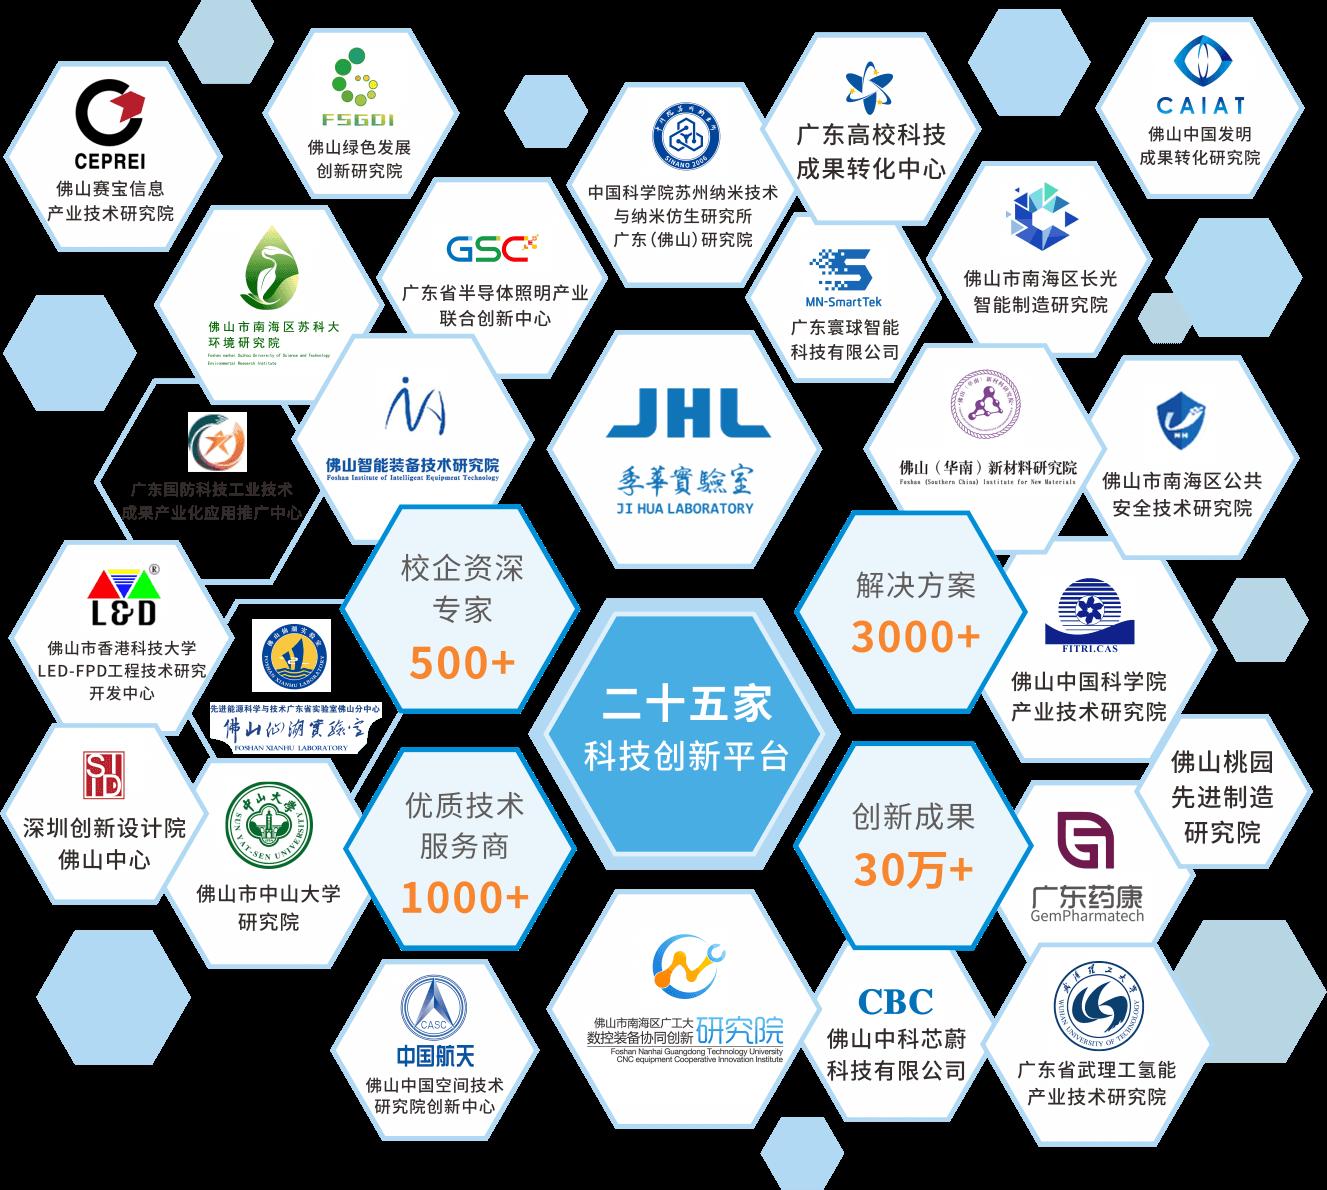 25家南海科技创新平台进驻南海区科技成果转化平台